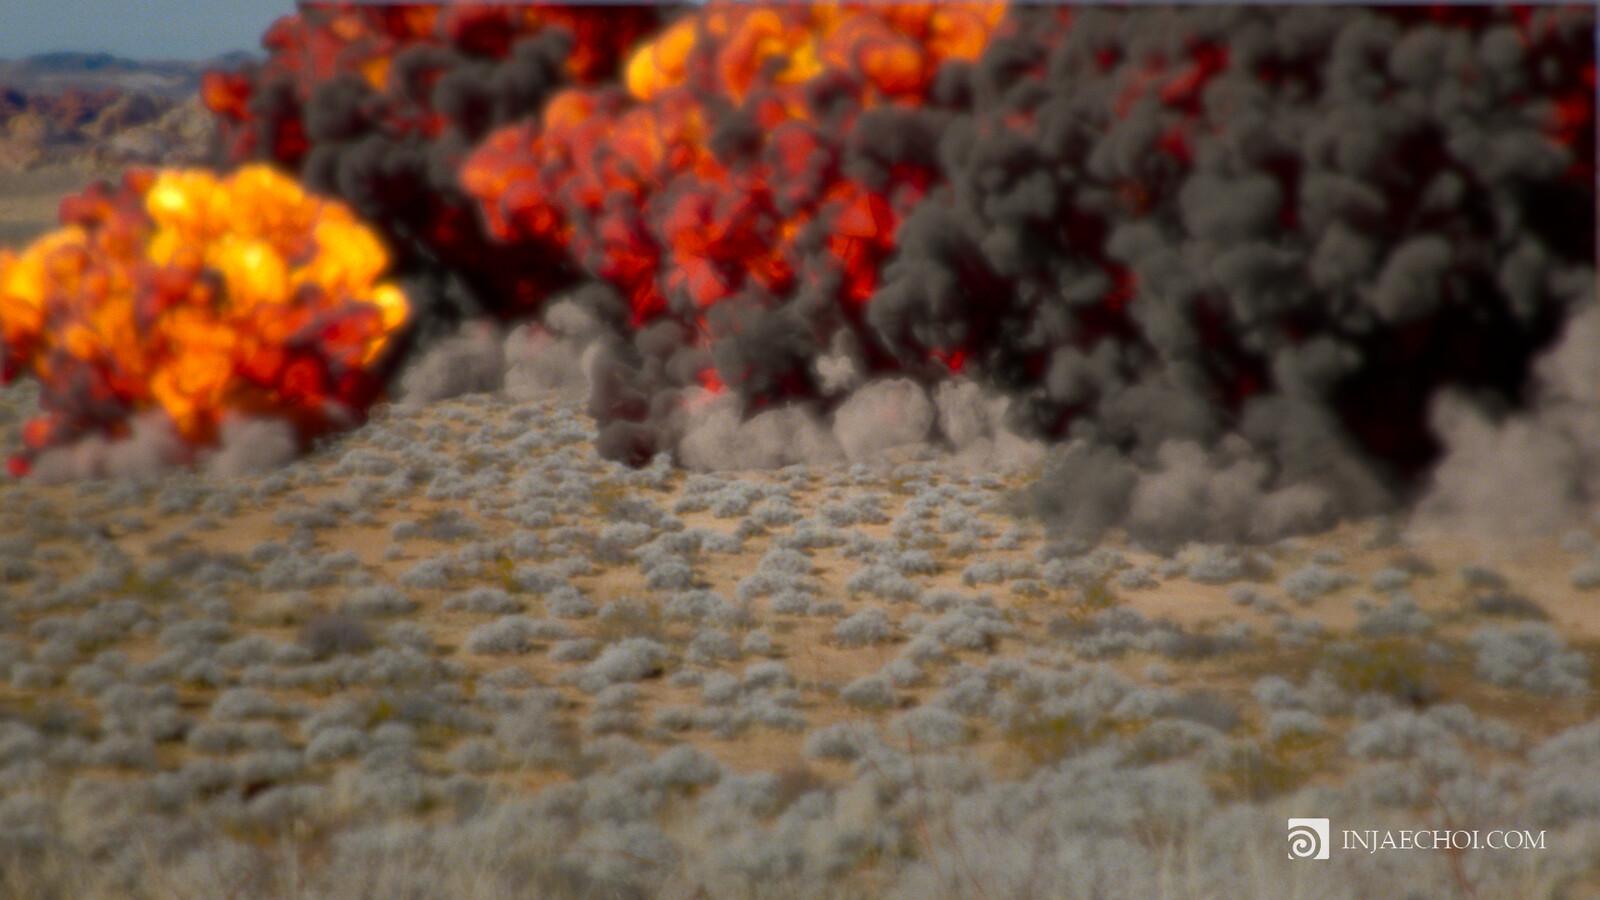 Explosion RND 003